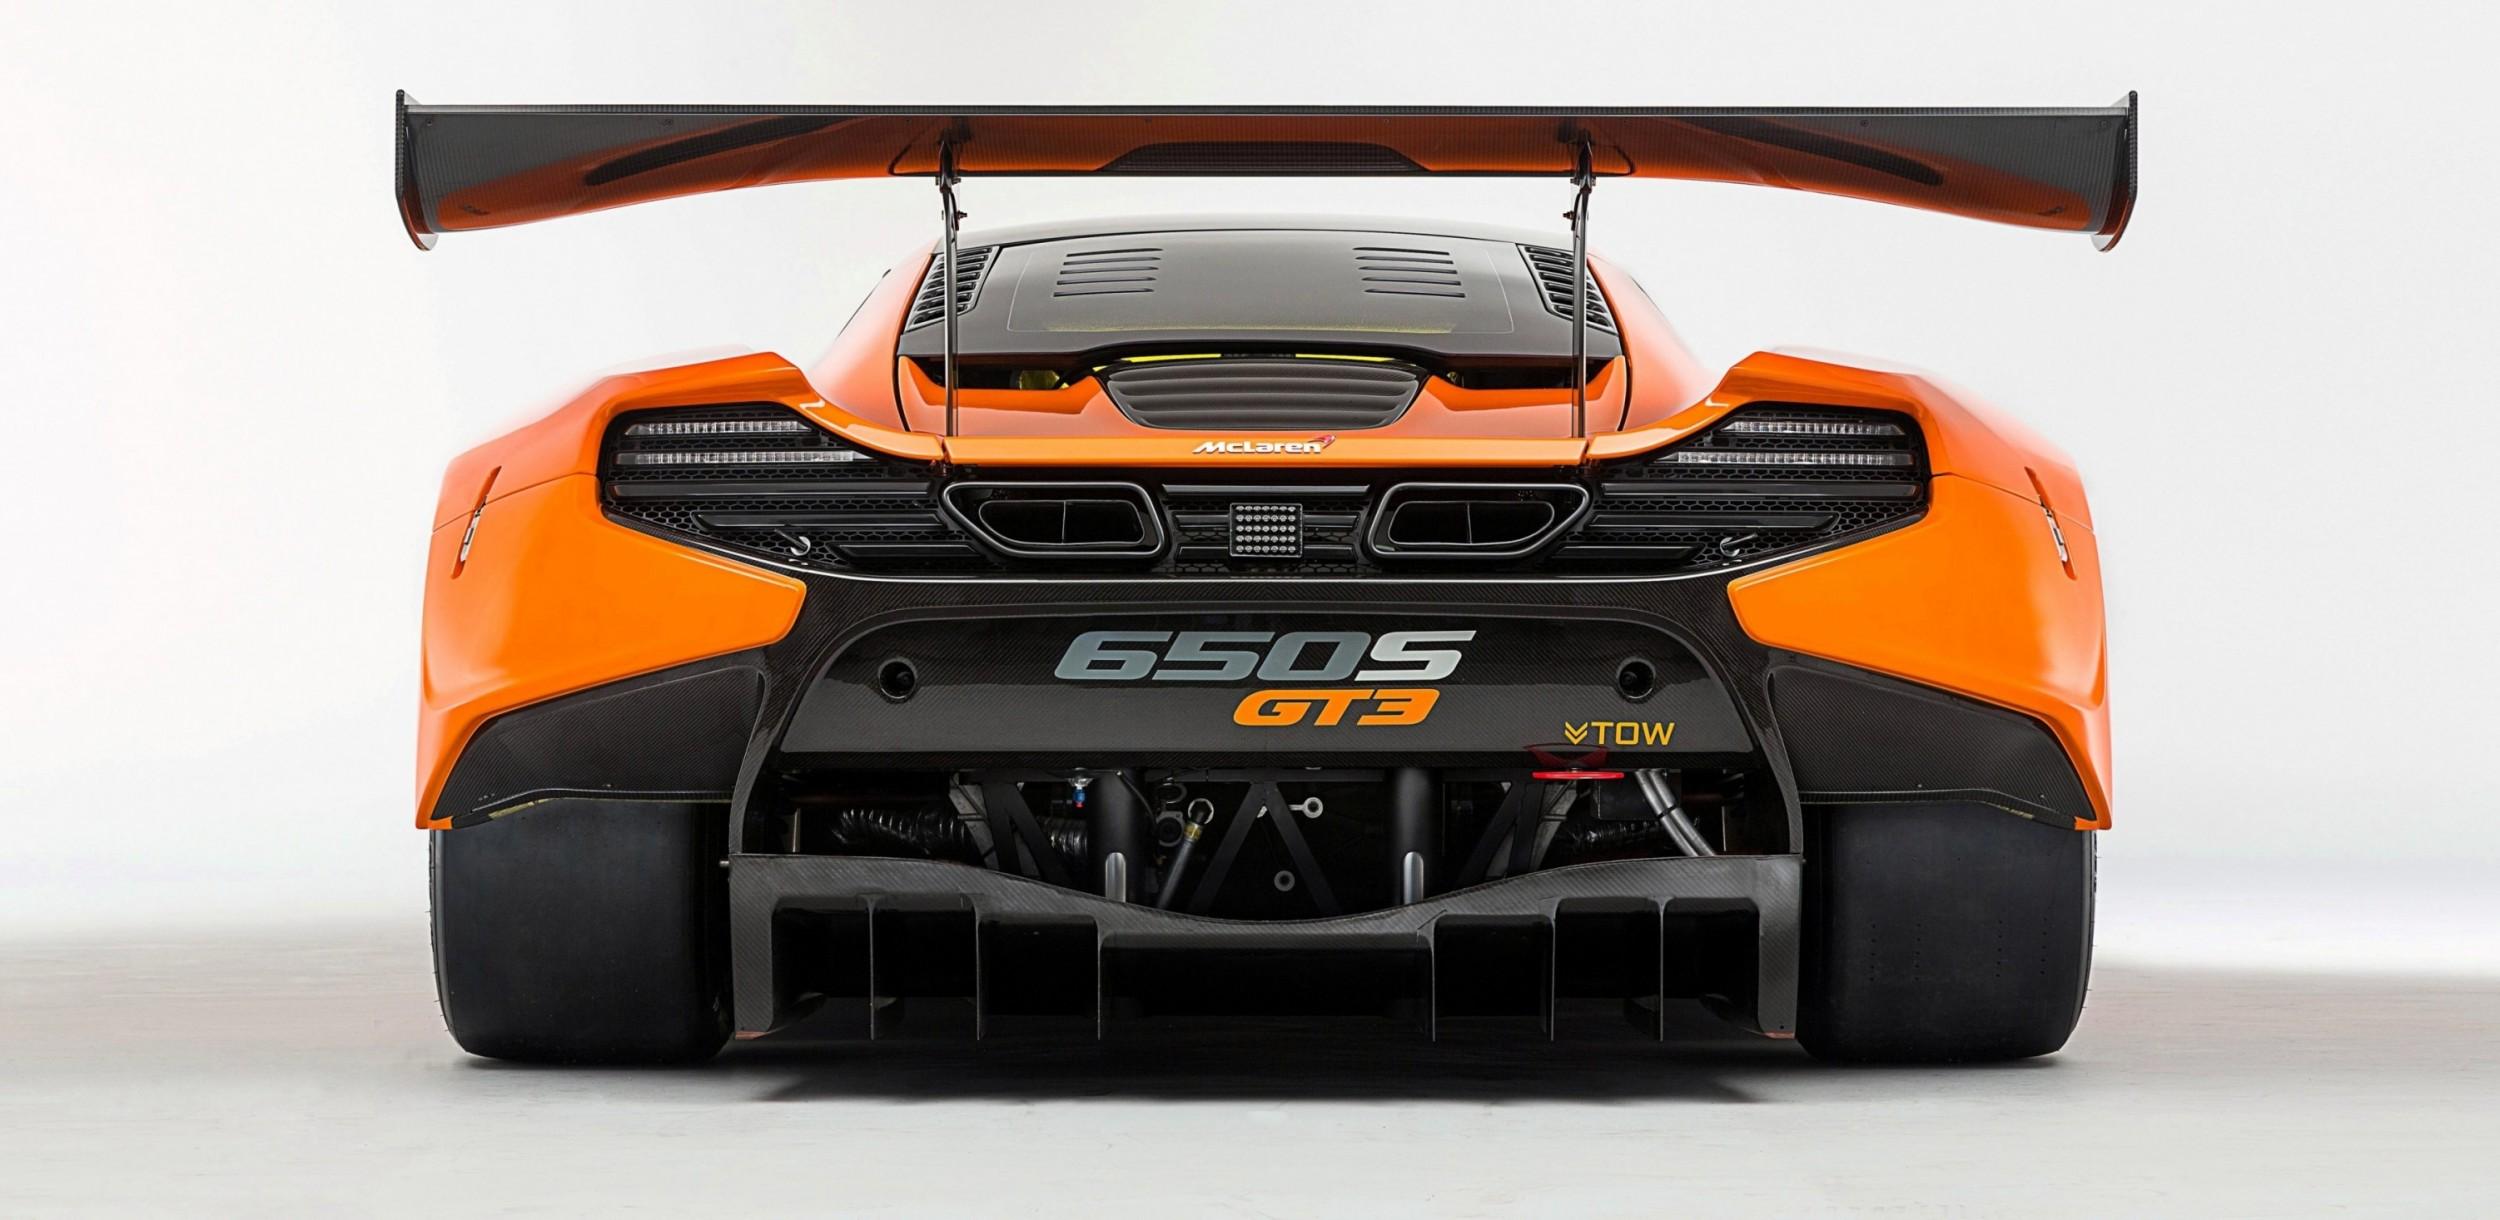 http://www.car-revs-daily.com/wp-content/uploads/McLaren_650S_GT3_rear.jpg